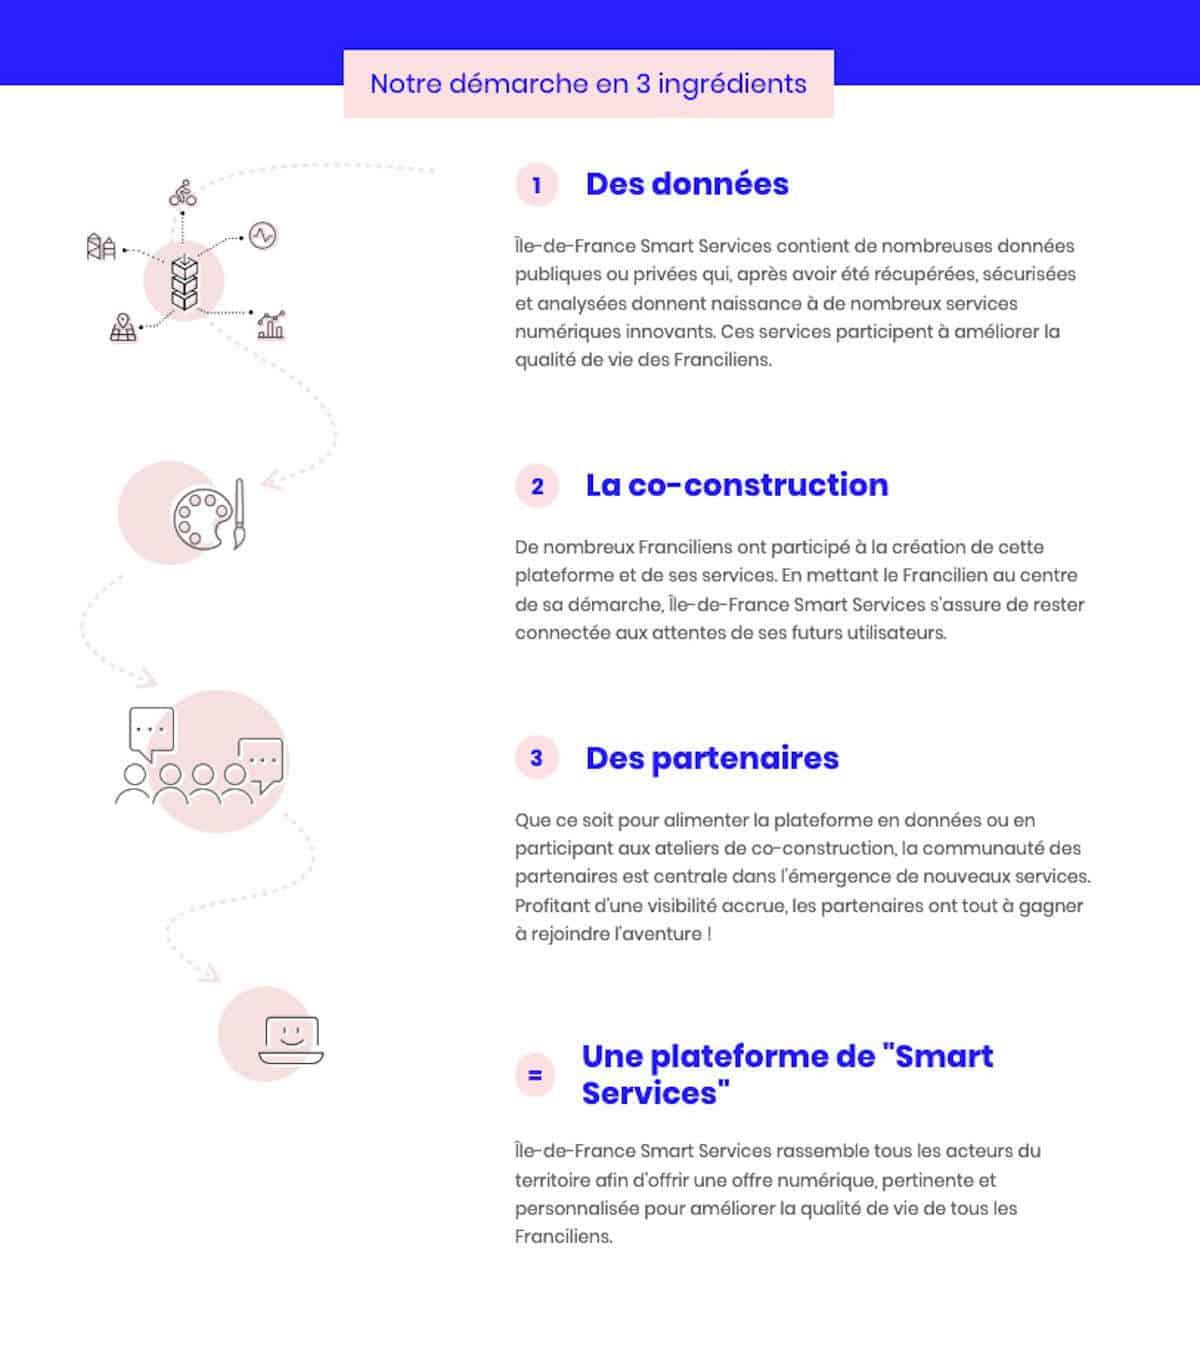 Collecte des données au service des Franciliens